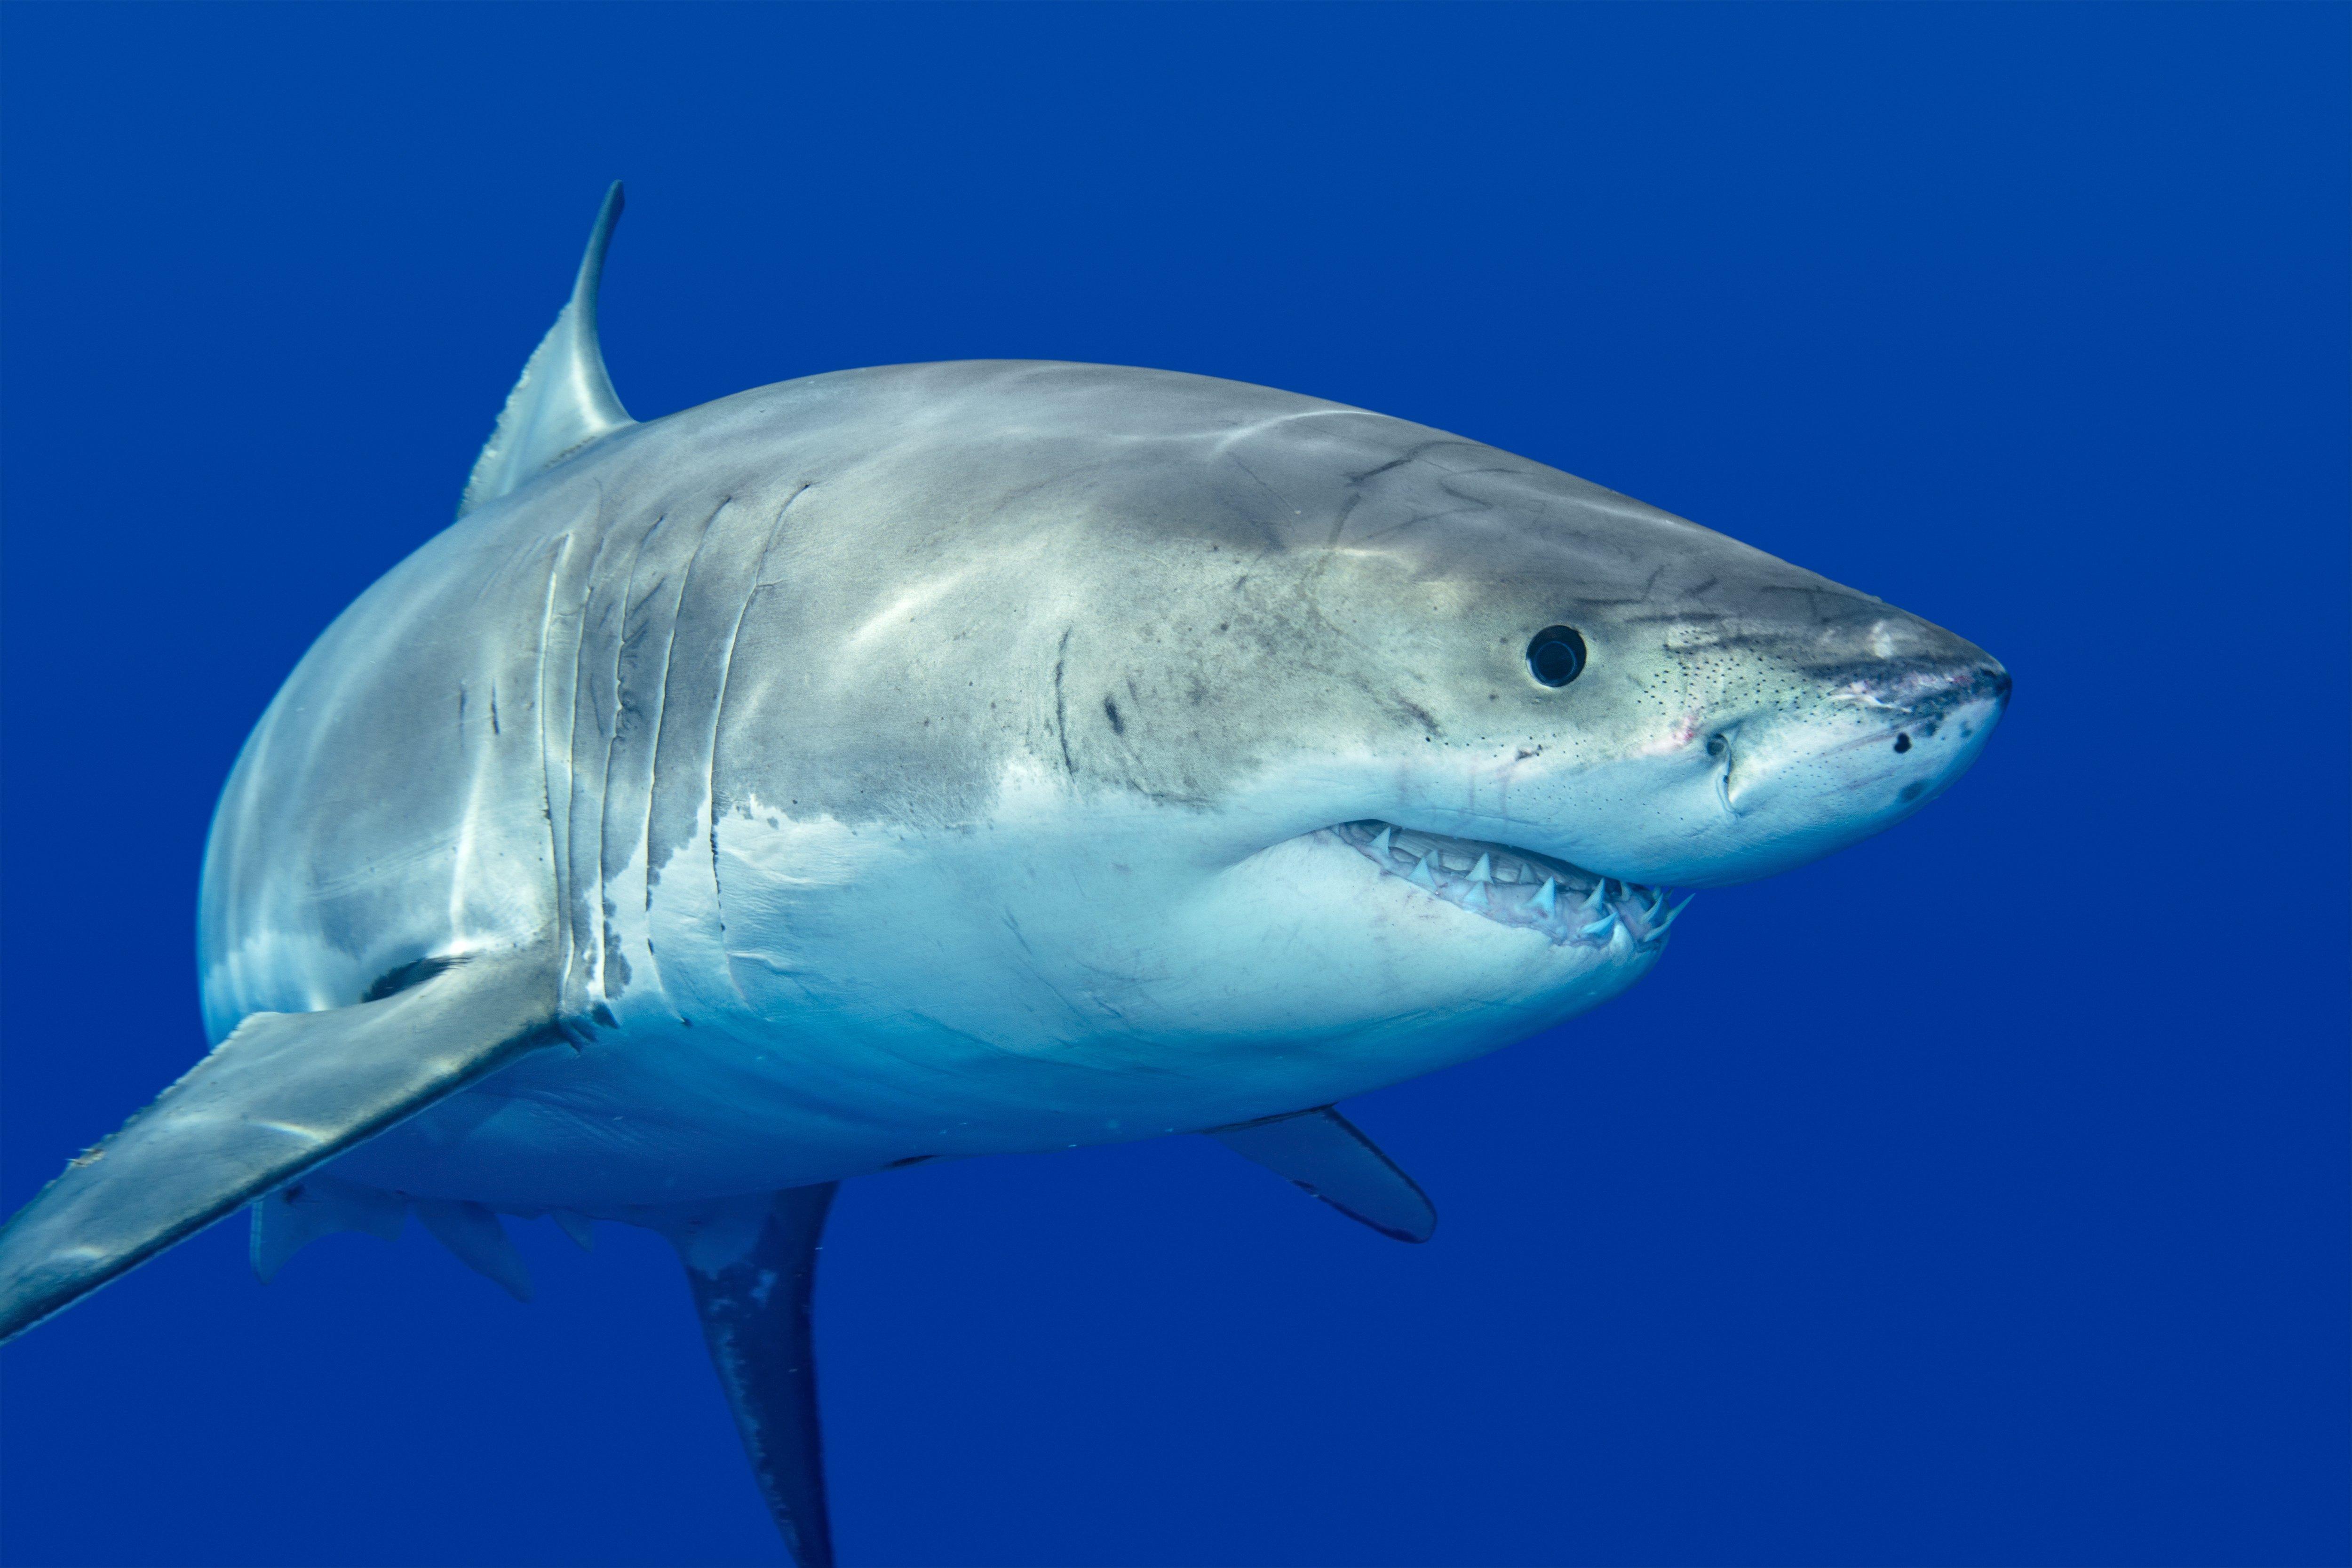 デスクトップ壁紙 5000x3333 Px 動物 サメ 5000x3333 Wallup